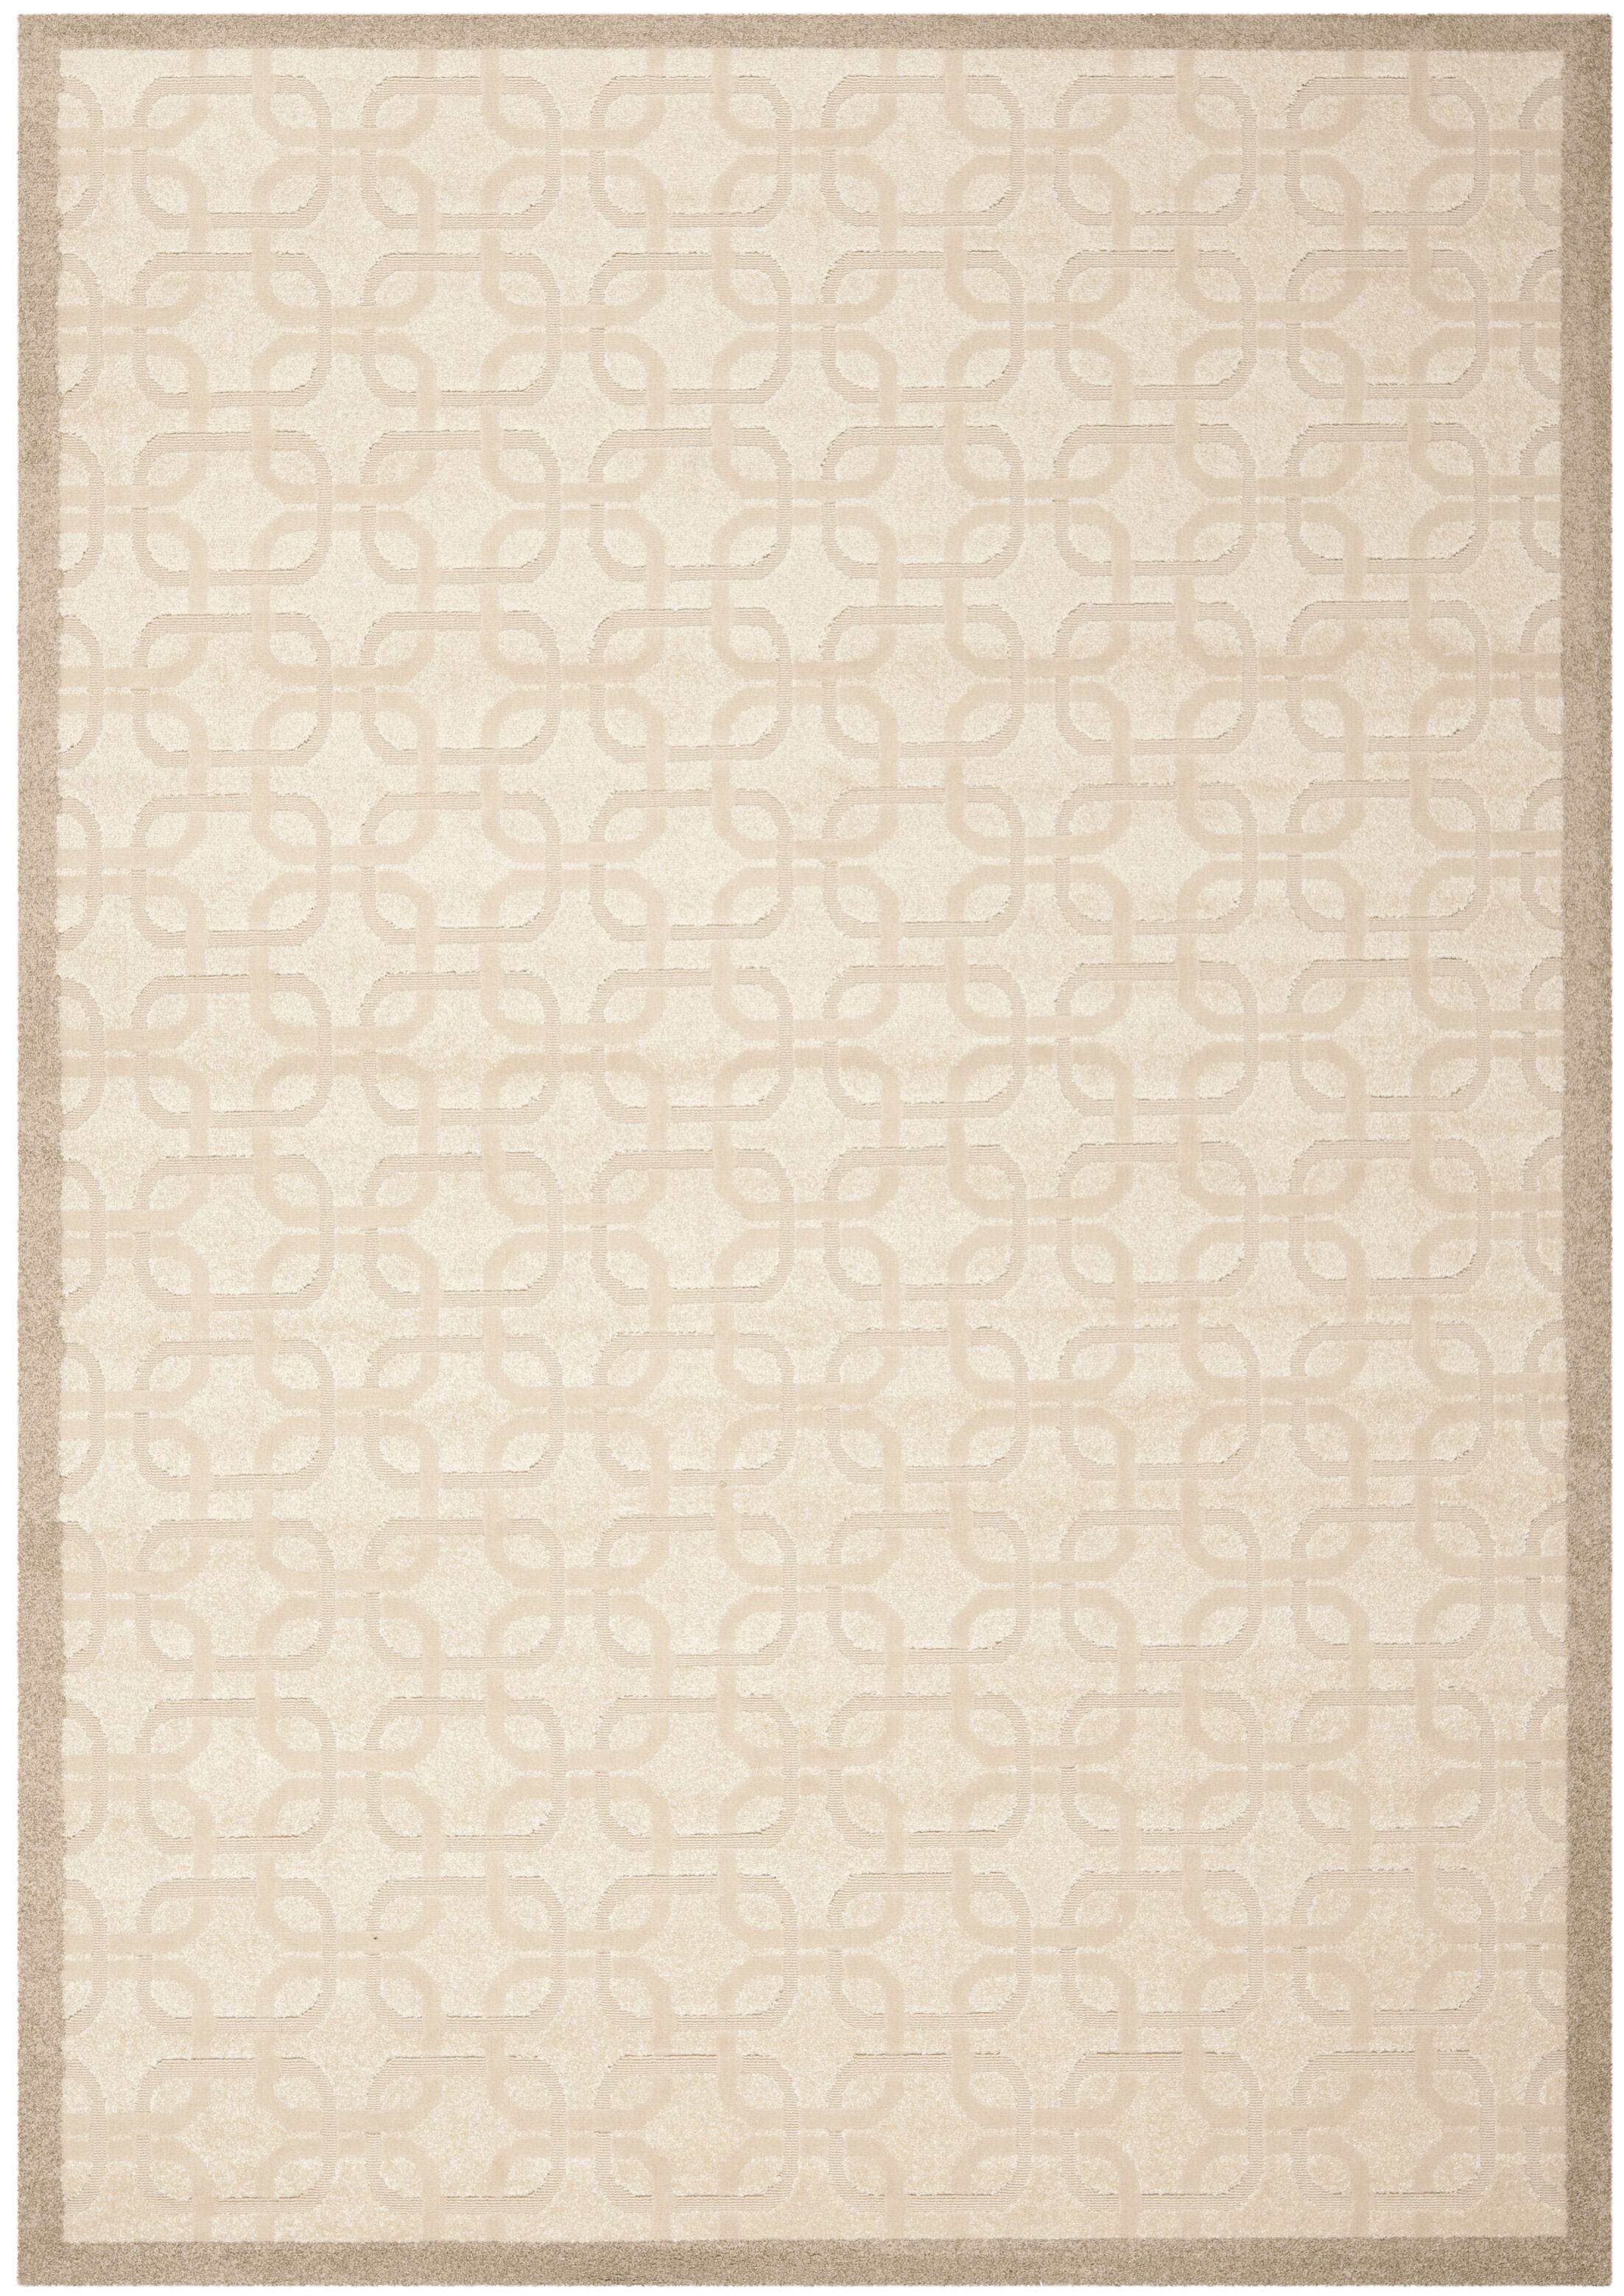 York Brown/Tan Area Rug Rug Size: Rectangle 8' x 11'2